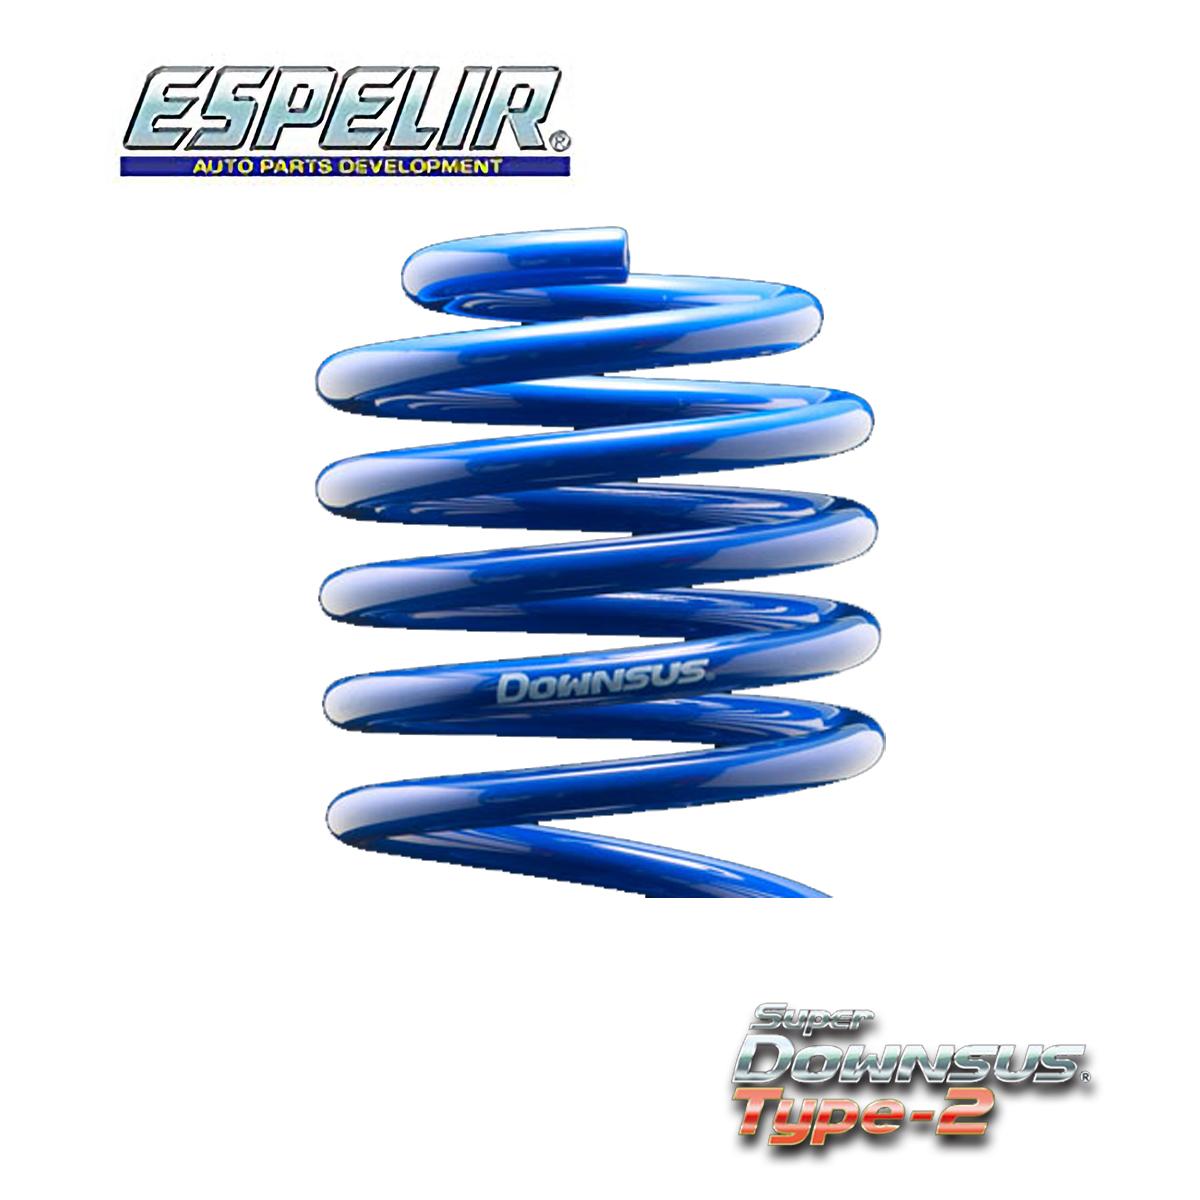 エスペリア セレナ C25 20S/20G スプリング ダウンサス セット 1台分 ESN-1159 スーパーダウンサス タイプ2 Super DOWNSUS Type2 ESPELIR